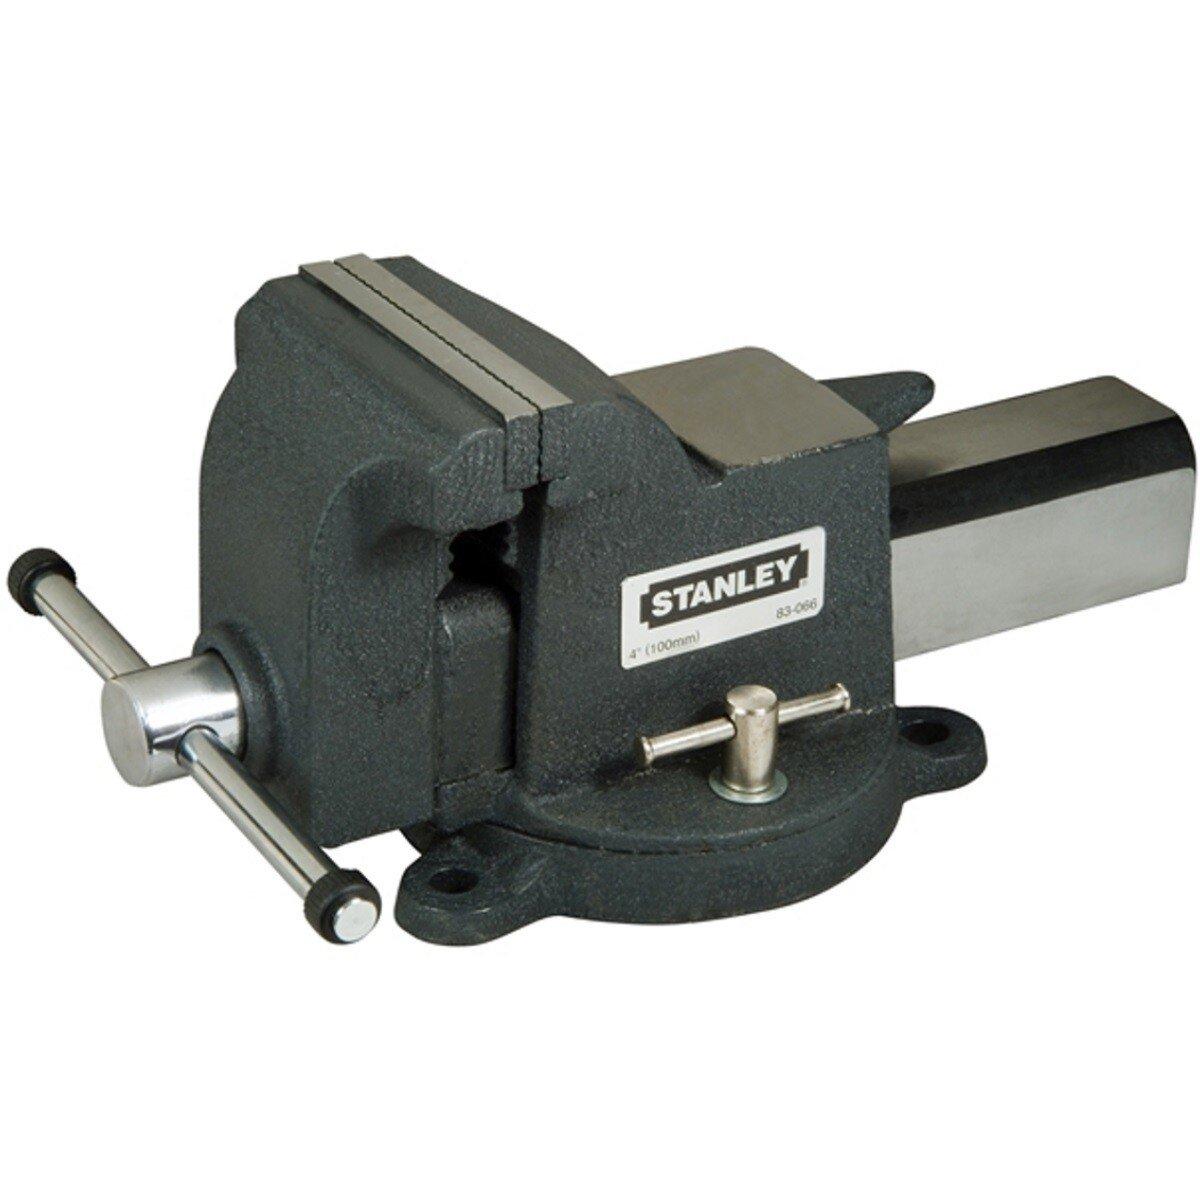 Stanley 1-83-066 MaxSteel Heavy-Duty Bench Vice 100mm (4in) STA183066